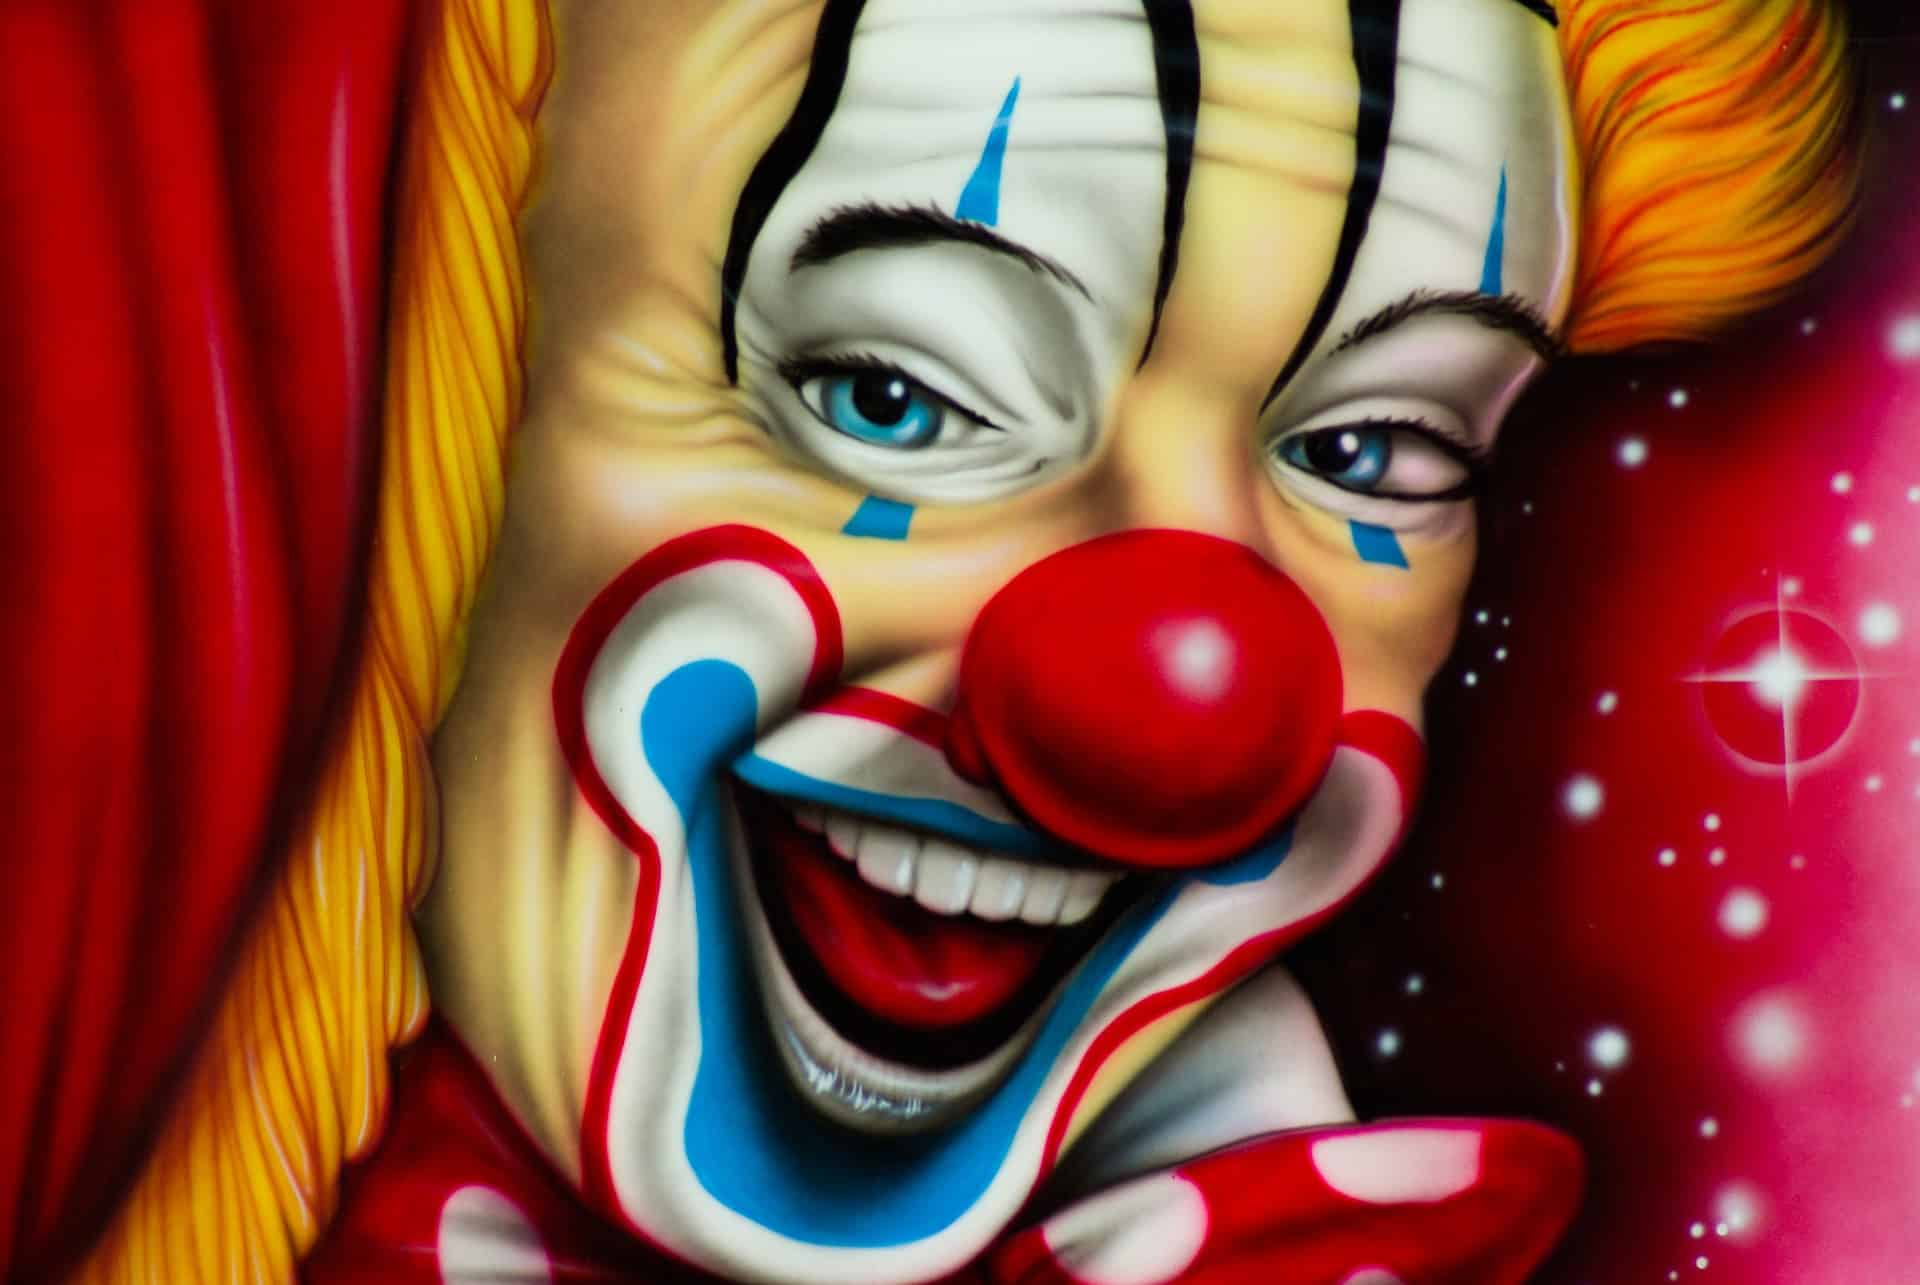 clown-678042_1920